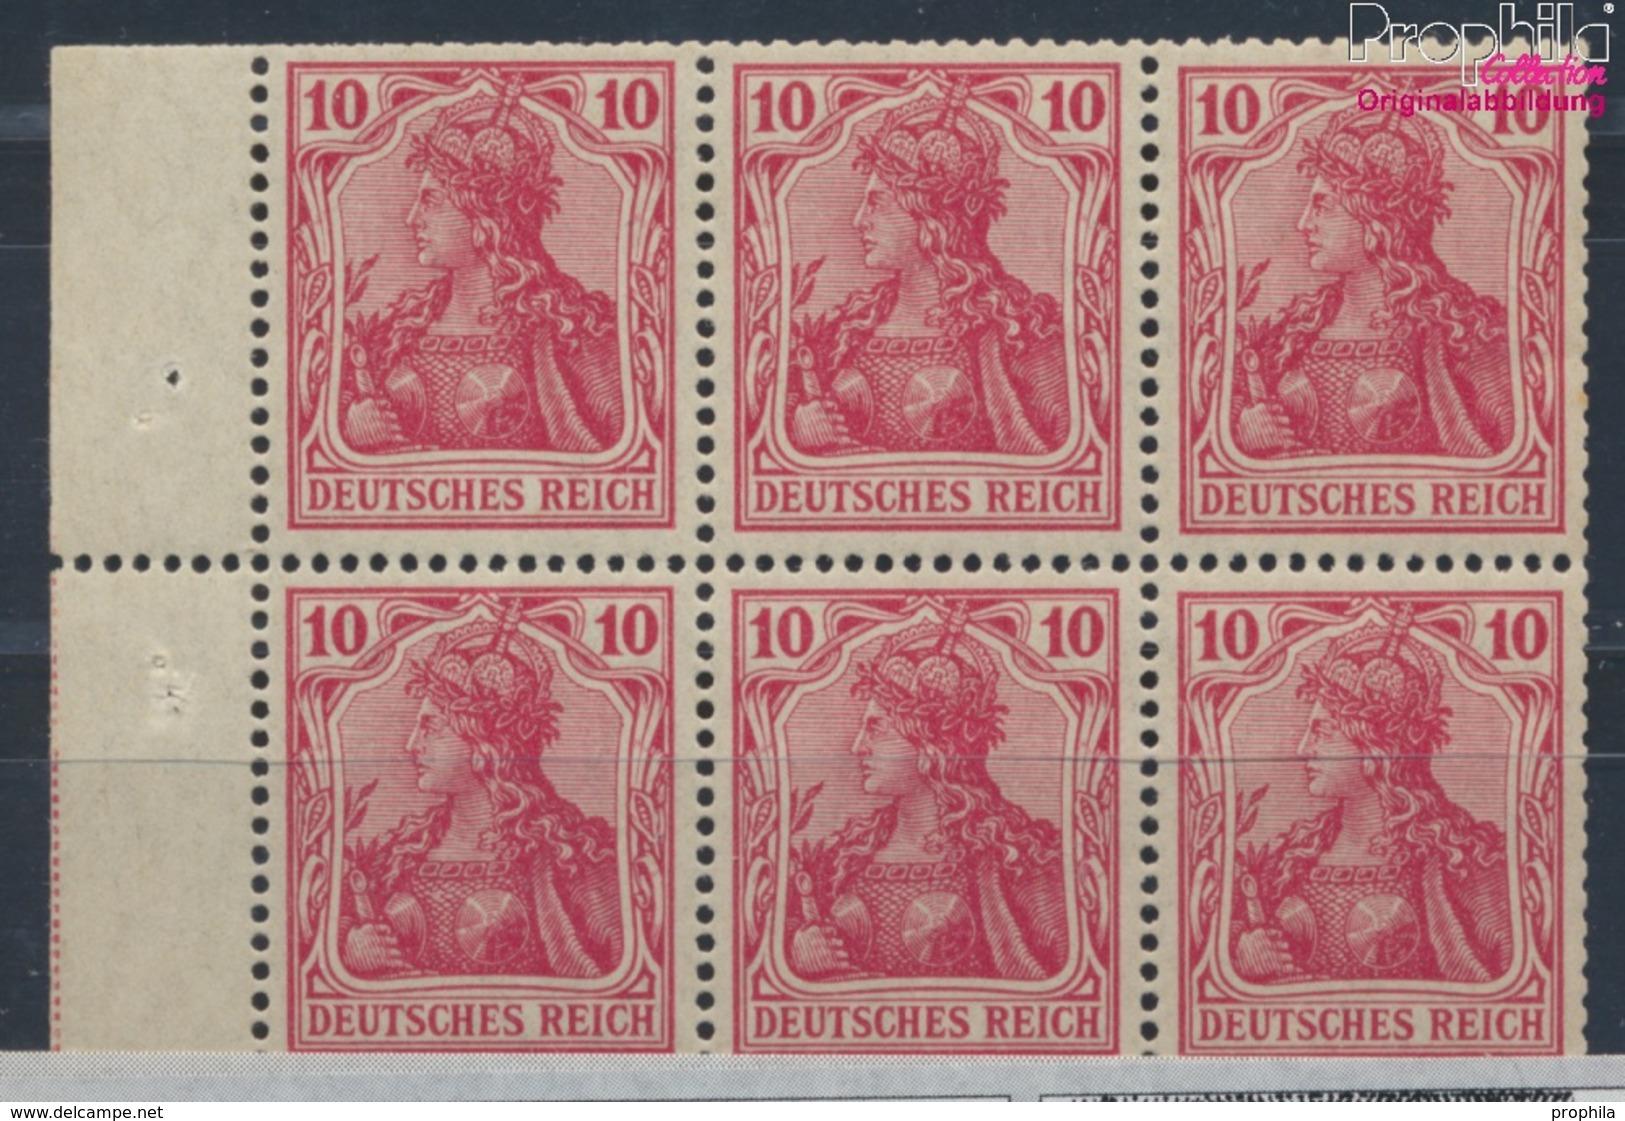 Deutsches Reich Hbl1II A Kriegsdruck Mit Falz 1910 Germania (7660425 - Deutschland